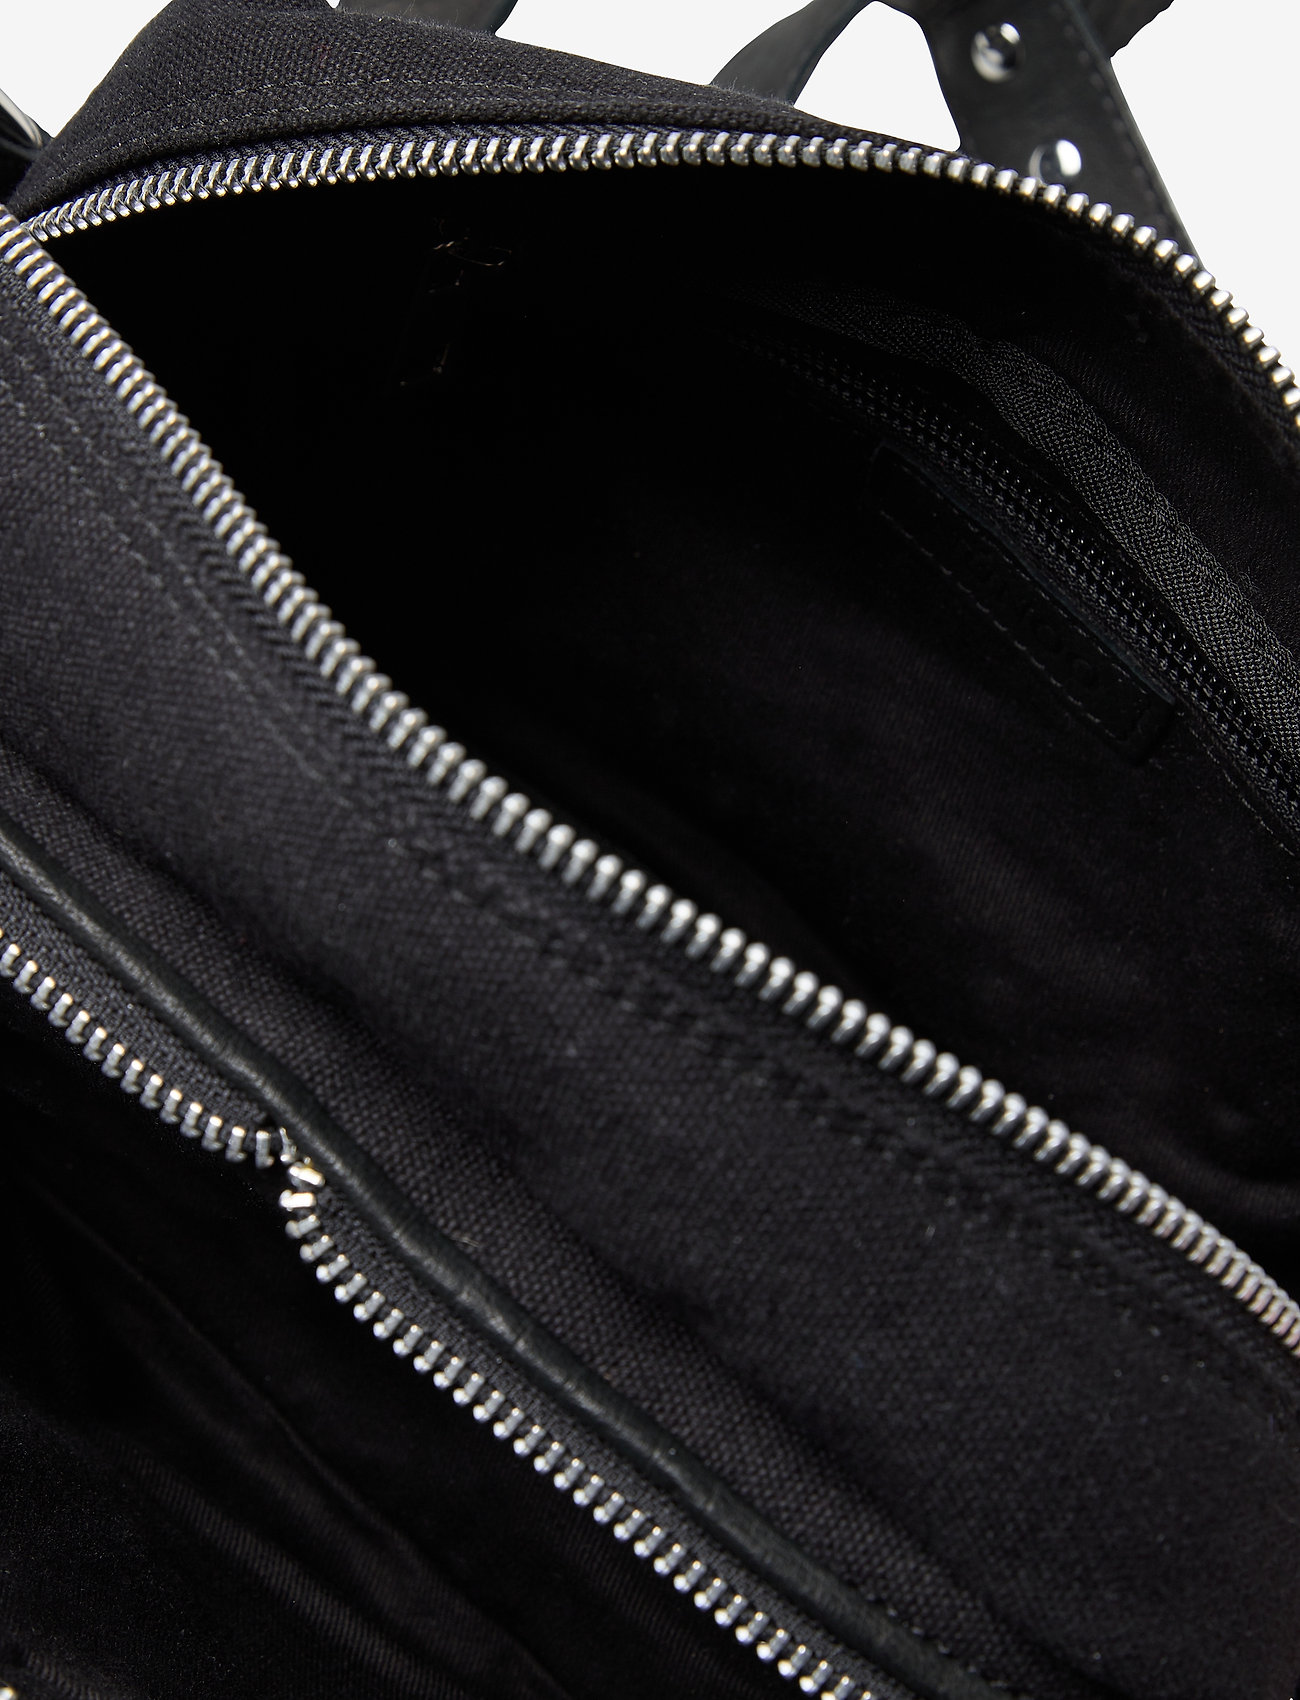 Nunoo - Ellie Recycled Canvas - tassen - black - 3